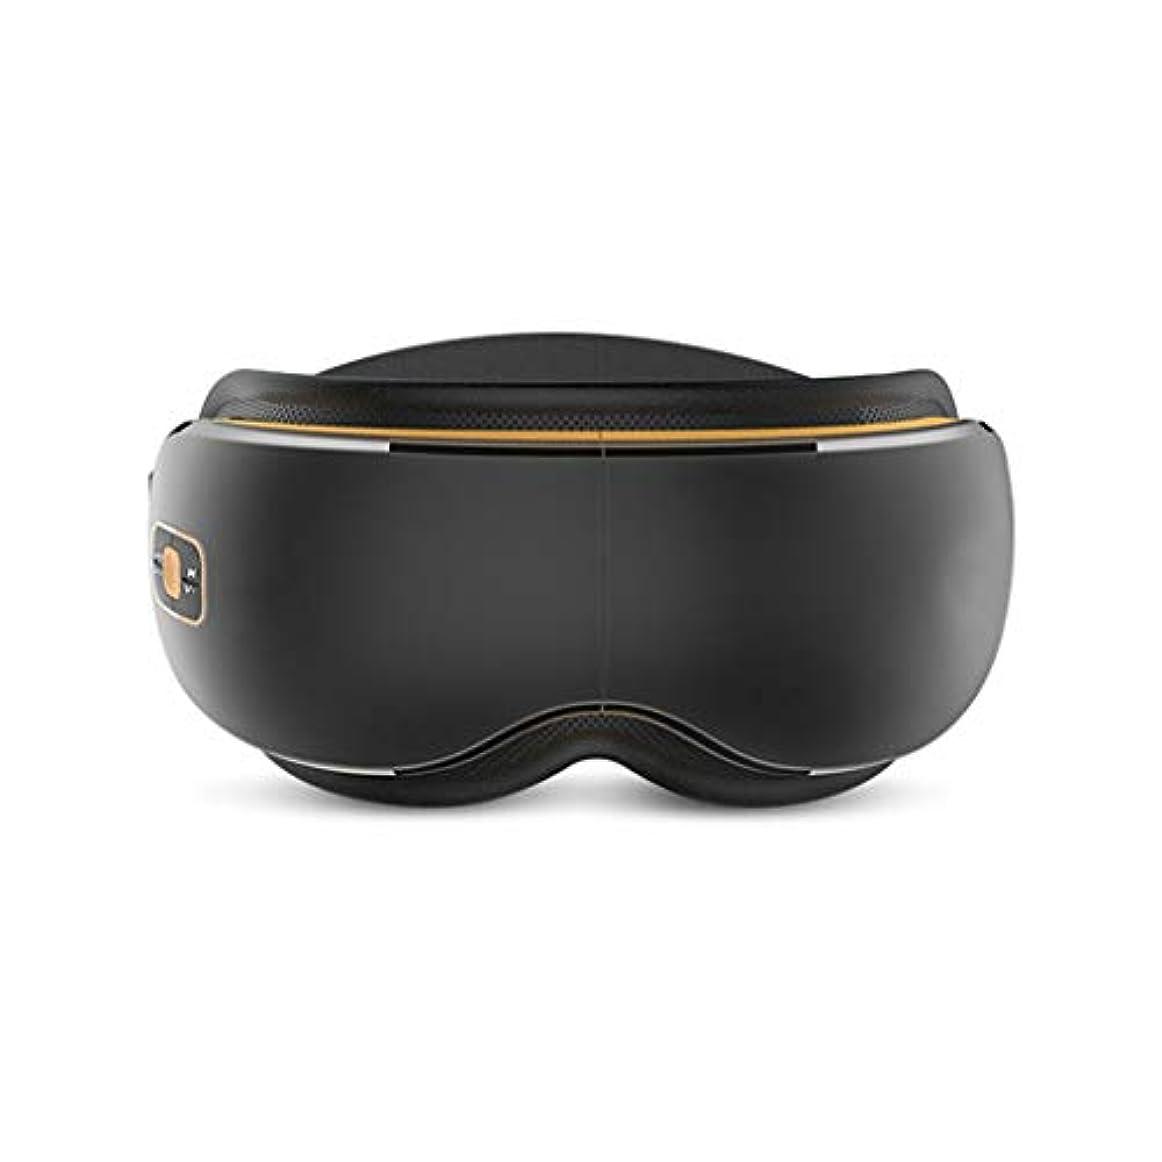 評価する力学時電気アイマッサージャー振動マッサージ暖房/ラップ/音楽/空気圧縮4つのモードで目をリラックスさせて暗い円を減らし、睡眠を改善するためのヘッドプレッシャーを緩和